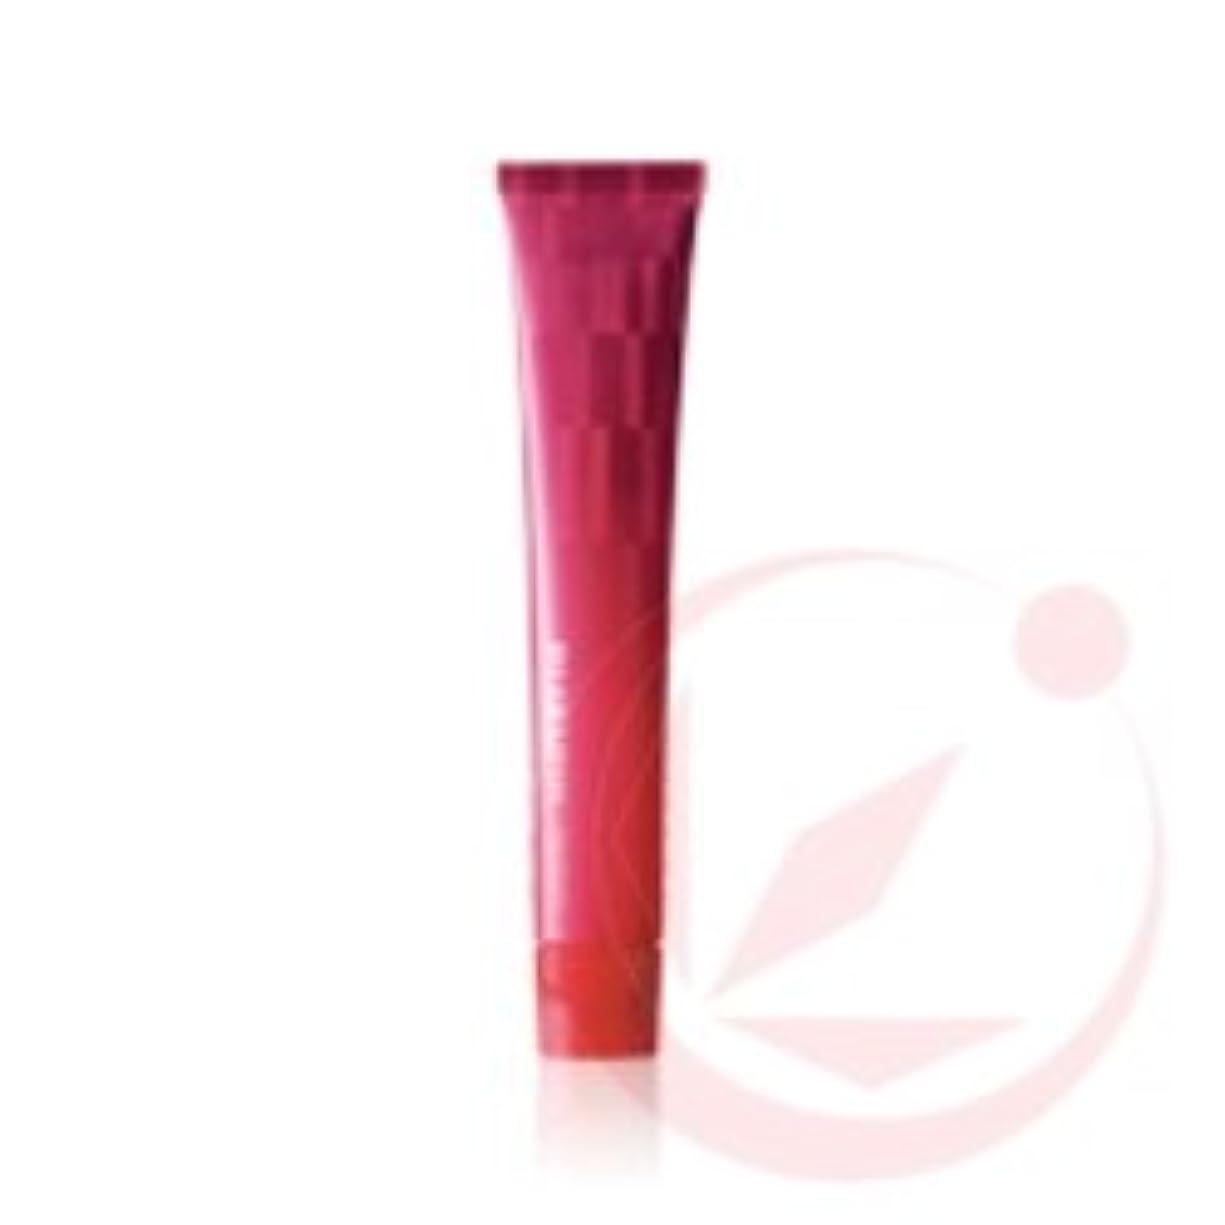 生理エミュレートするバレルルベル マテリア インテグラルライン プラチナブラウン 80g(1剤) Pt-10